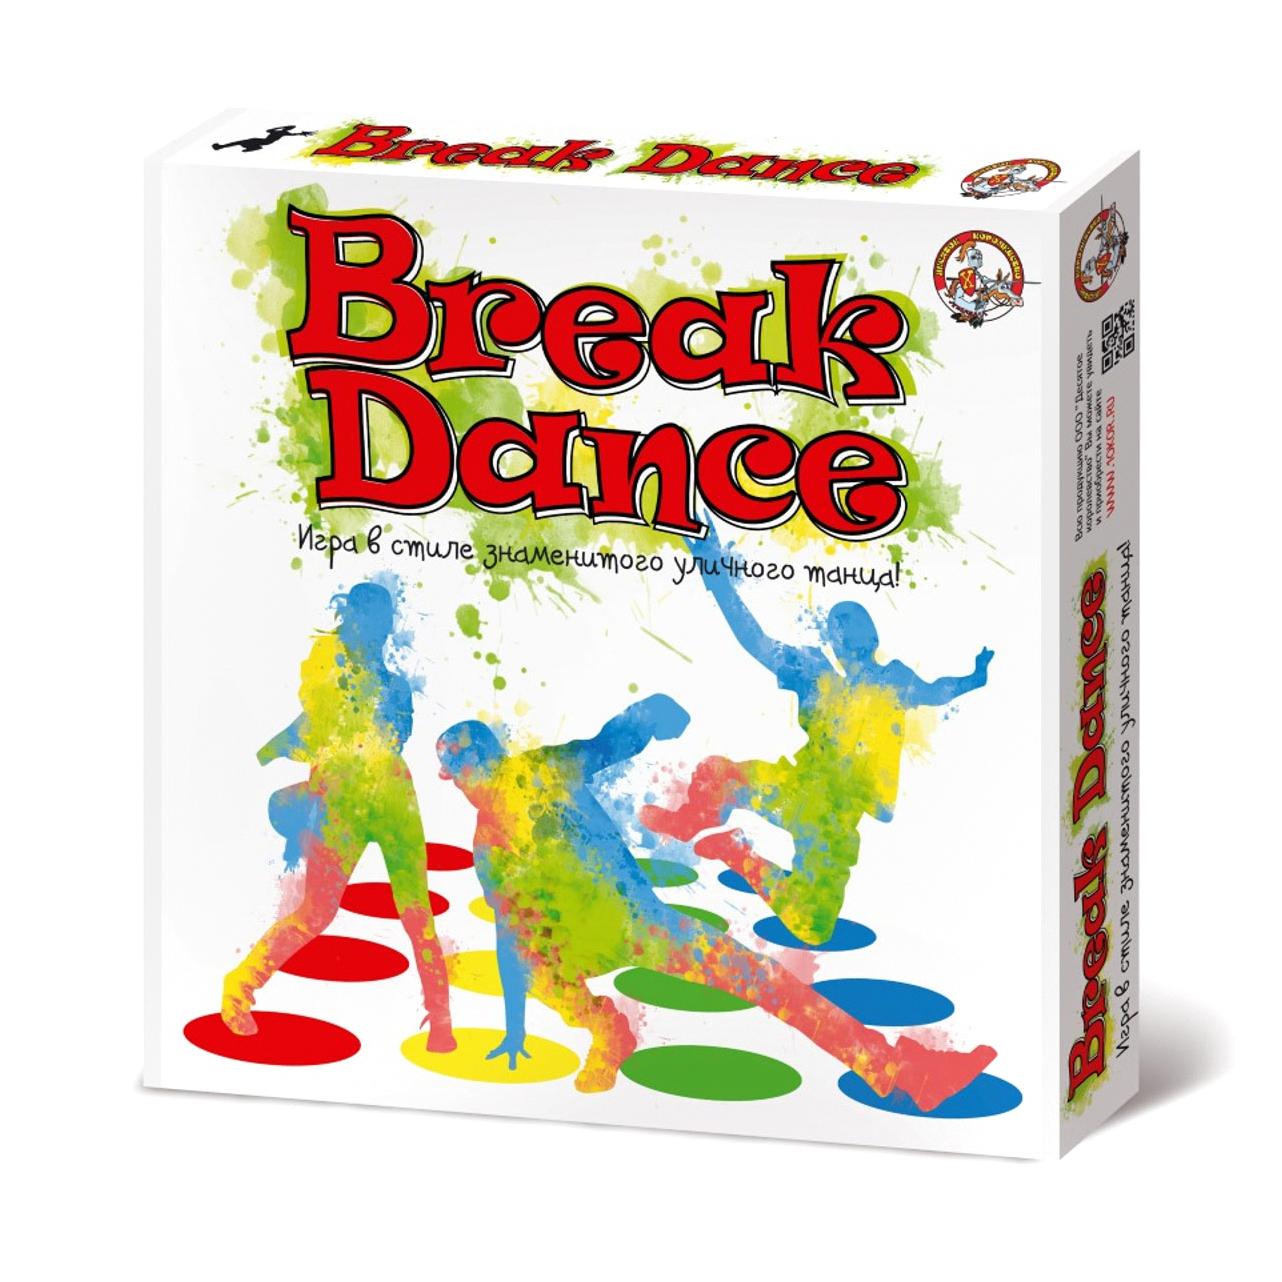 Игра для детей и взрослых Break Dance фото